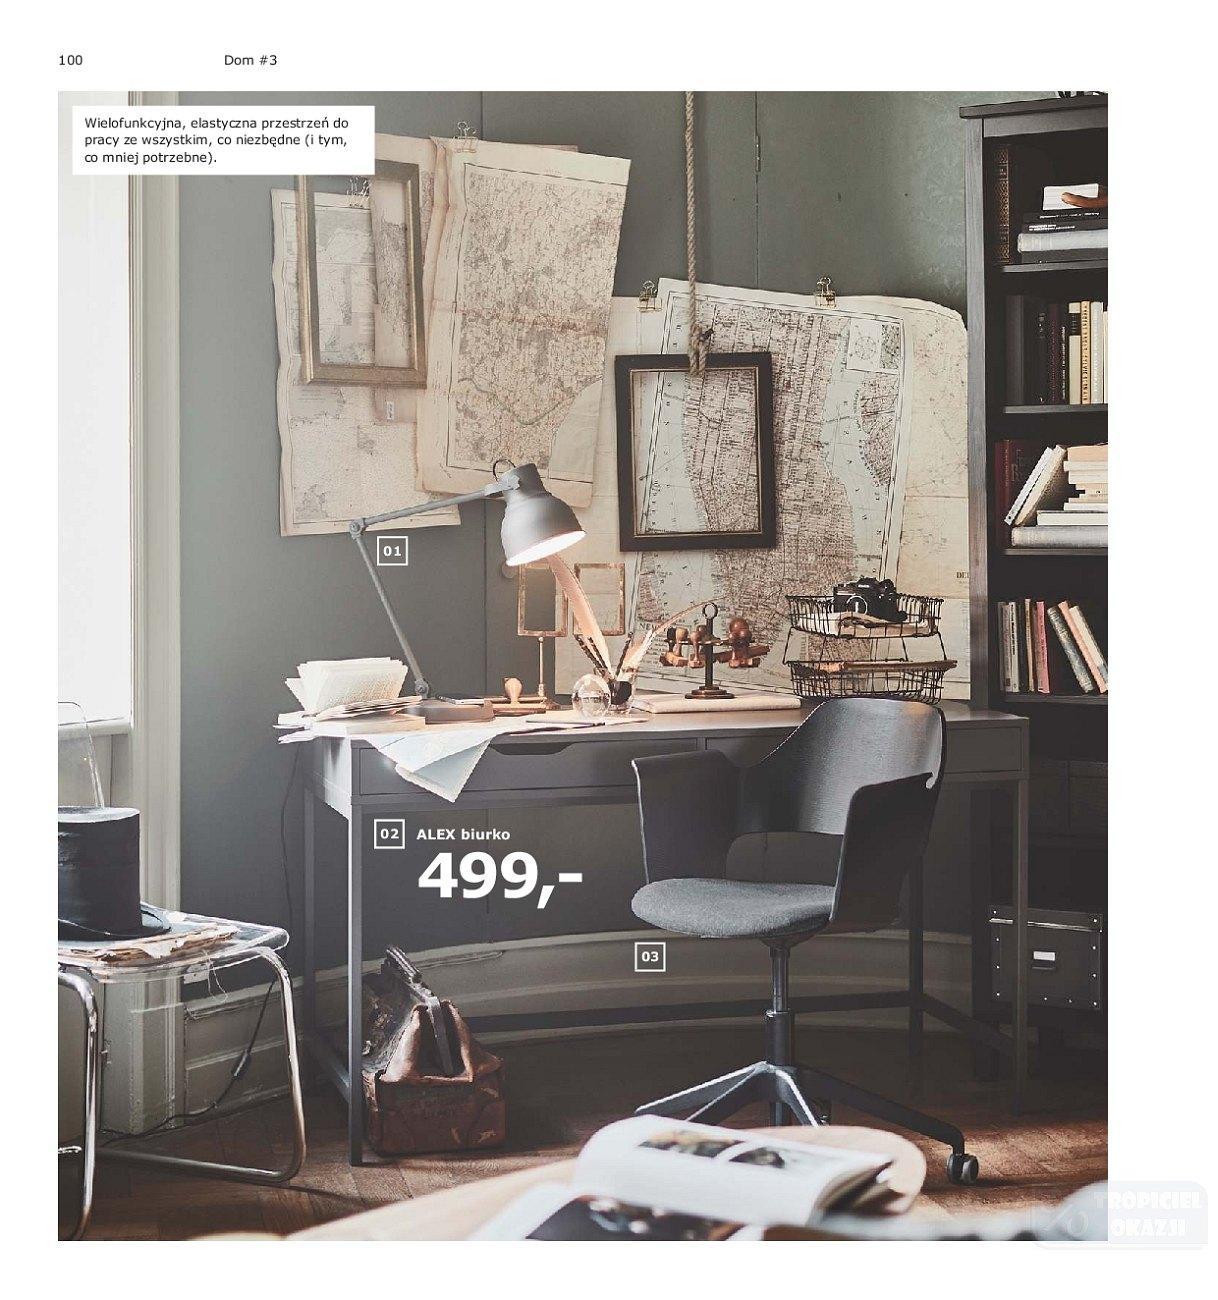 Gazetka promocyjna IKEA do 31/07/2019 str.100